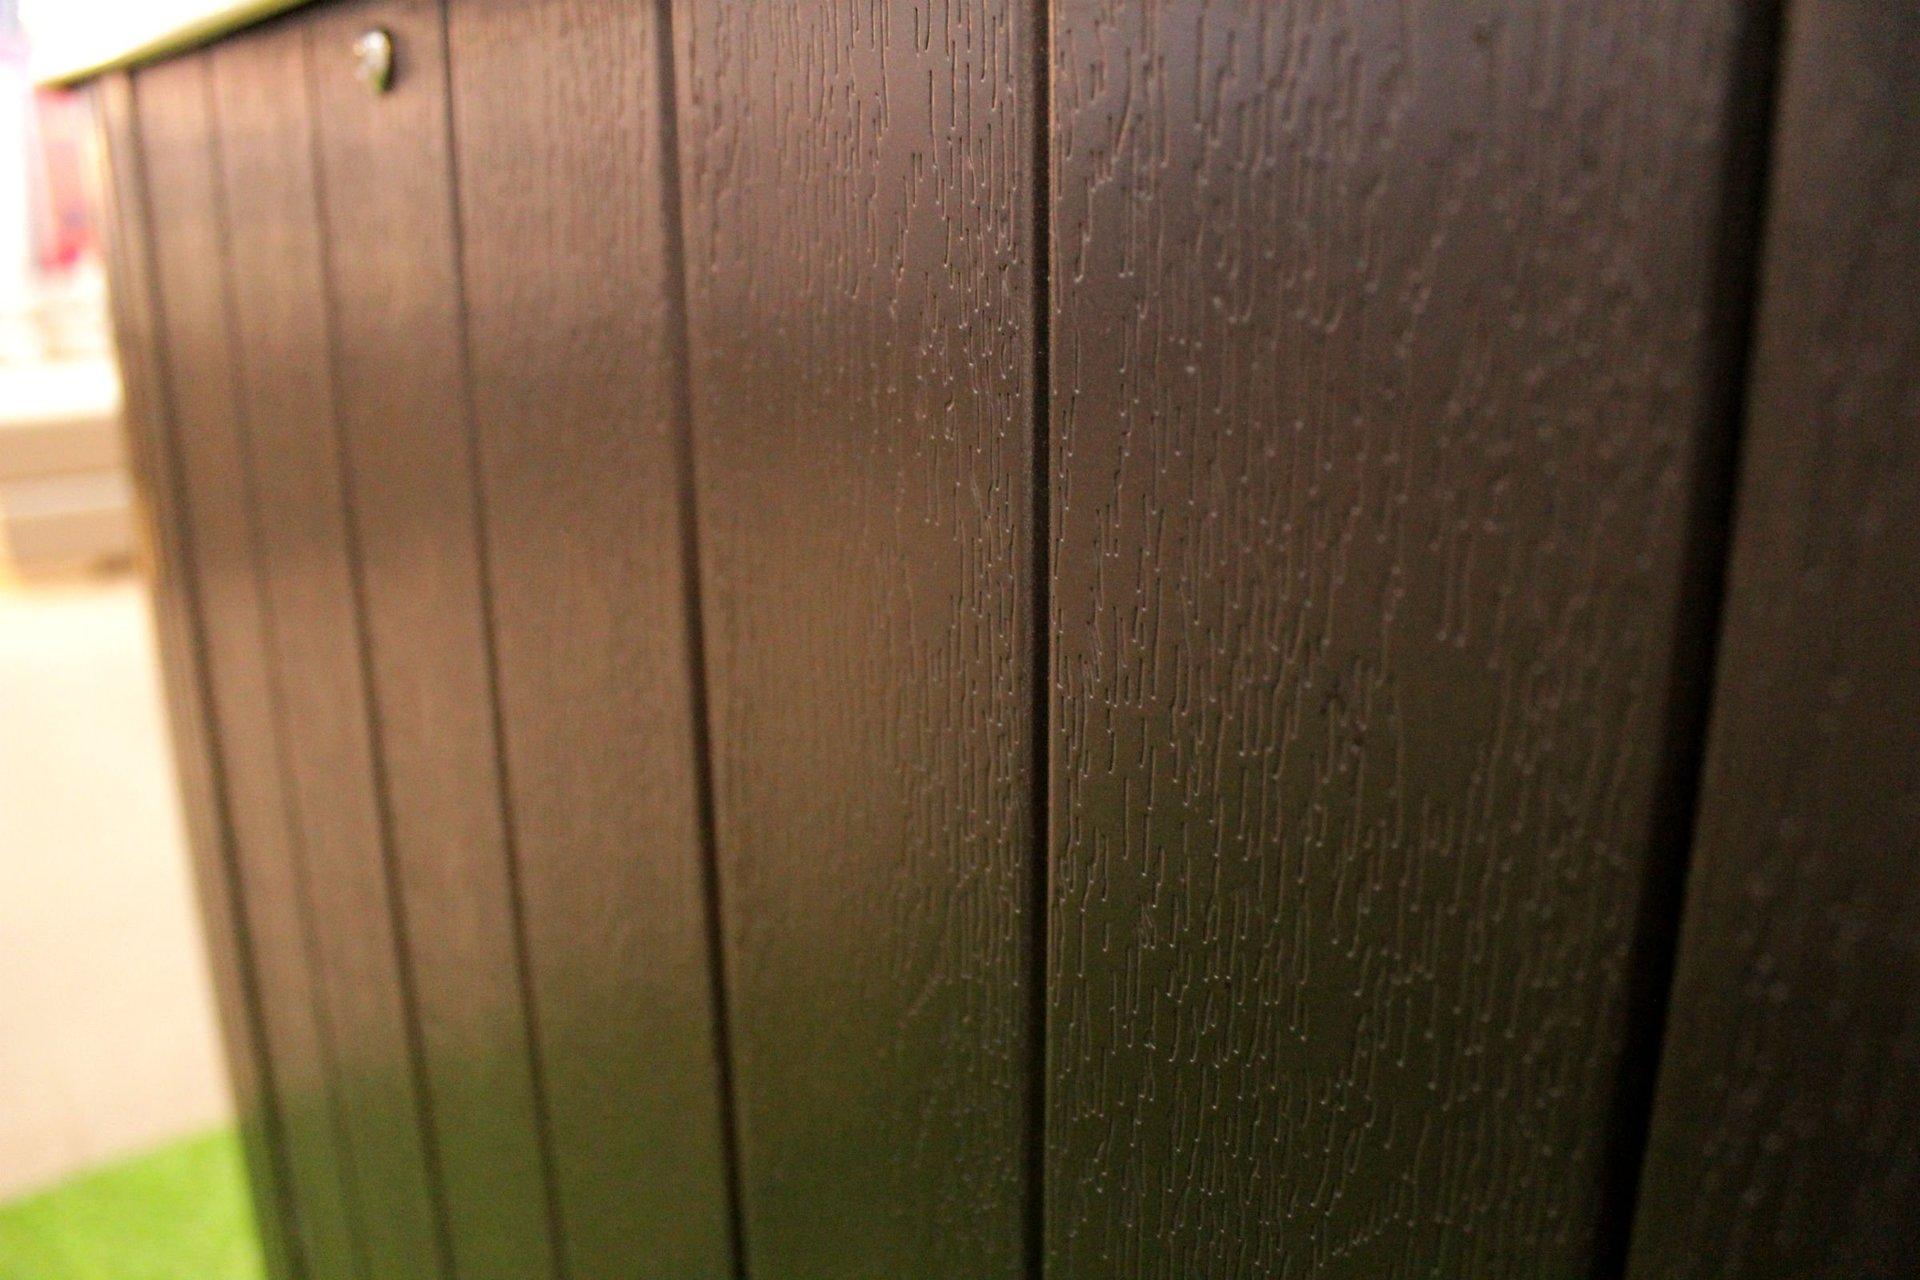 อ่างน้ำร้อนอะคริลิค ล้อมด้วย PVC ลายไม้ สีน้ำตาลเข้ม ระบบทำน้ำร้อนในตัวปรับอุณหภูมิได้ อ่างน้ำจากุซซี่สำหรับภายนอก หลังบ้าน ในสวน รีสอร์ท วิลล่า โรงแรม